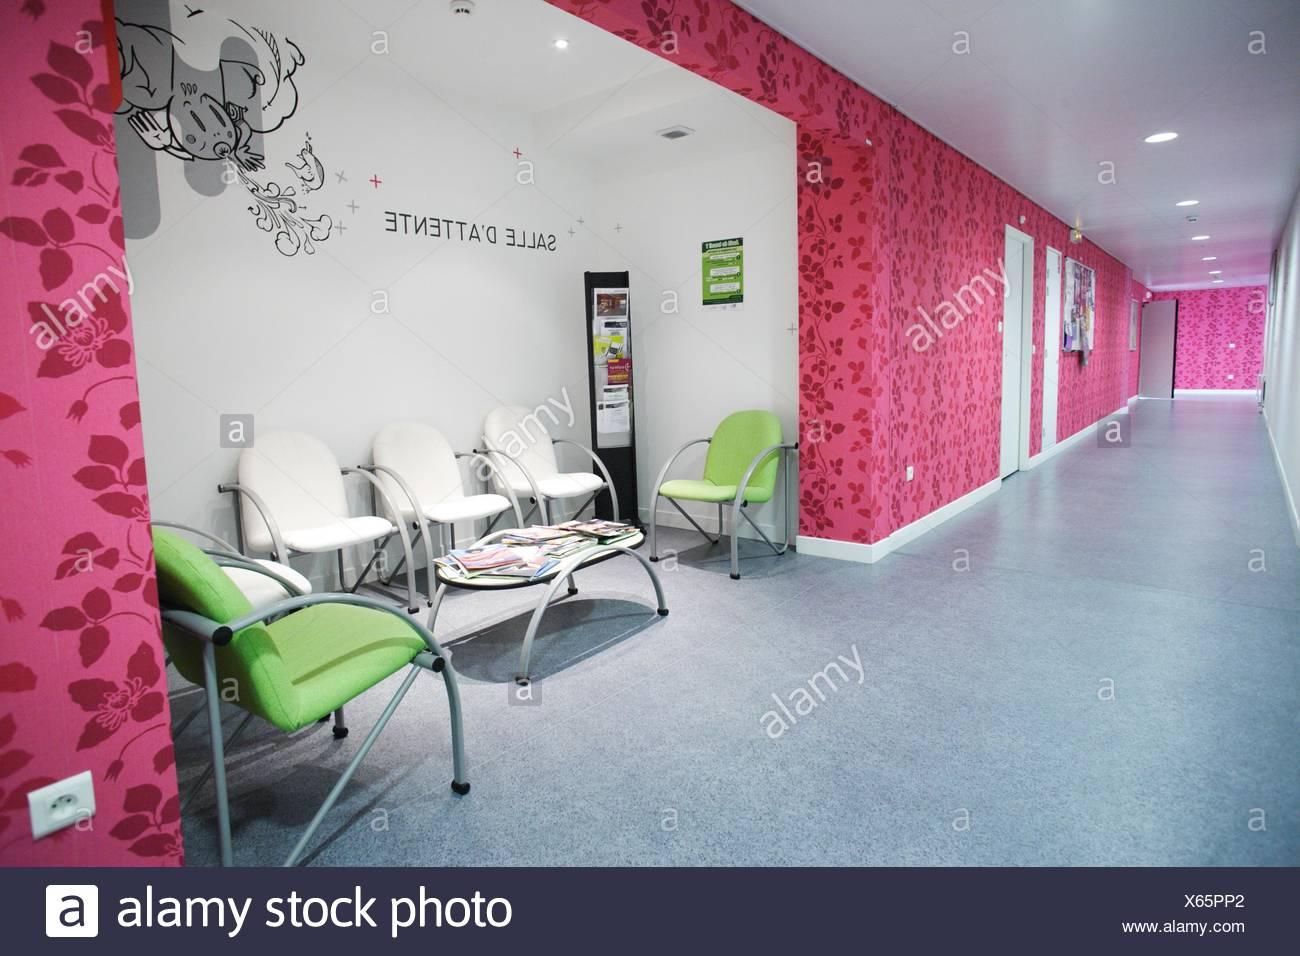 Psychiatrische Hospitalisierung Einheit, Krankenhaus in Nantes, Frankreich. Stockbild